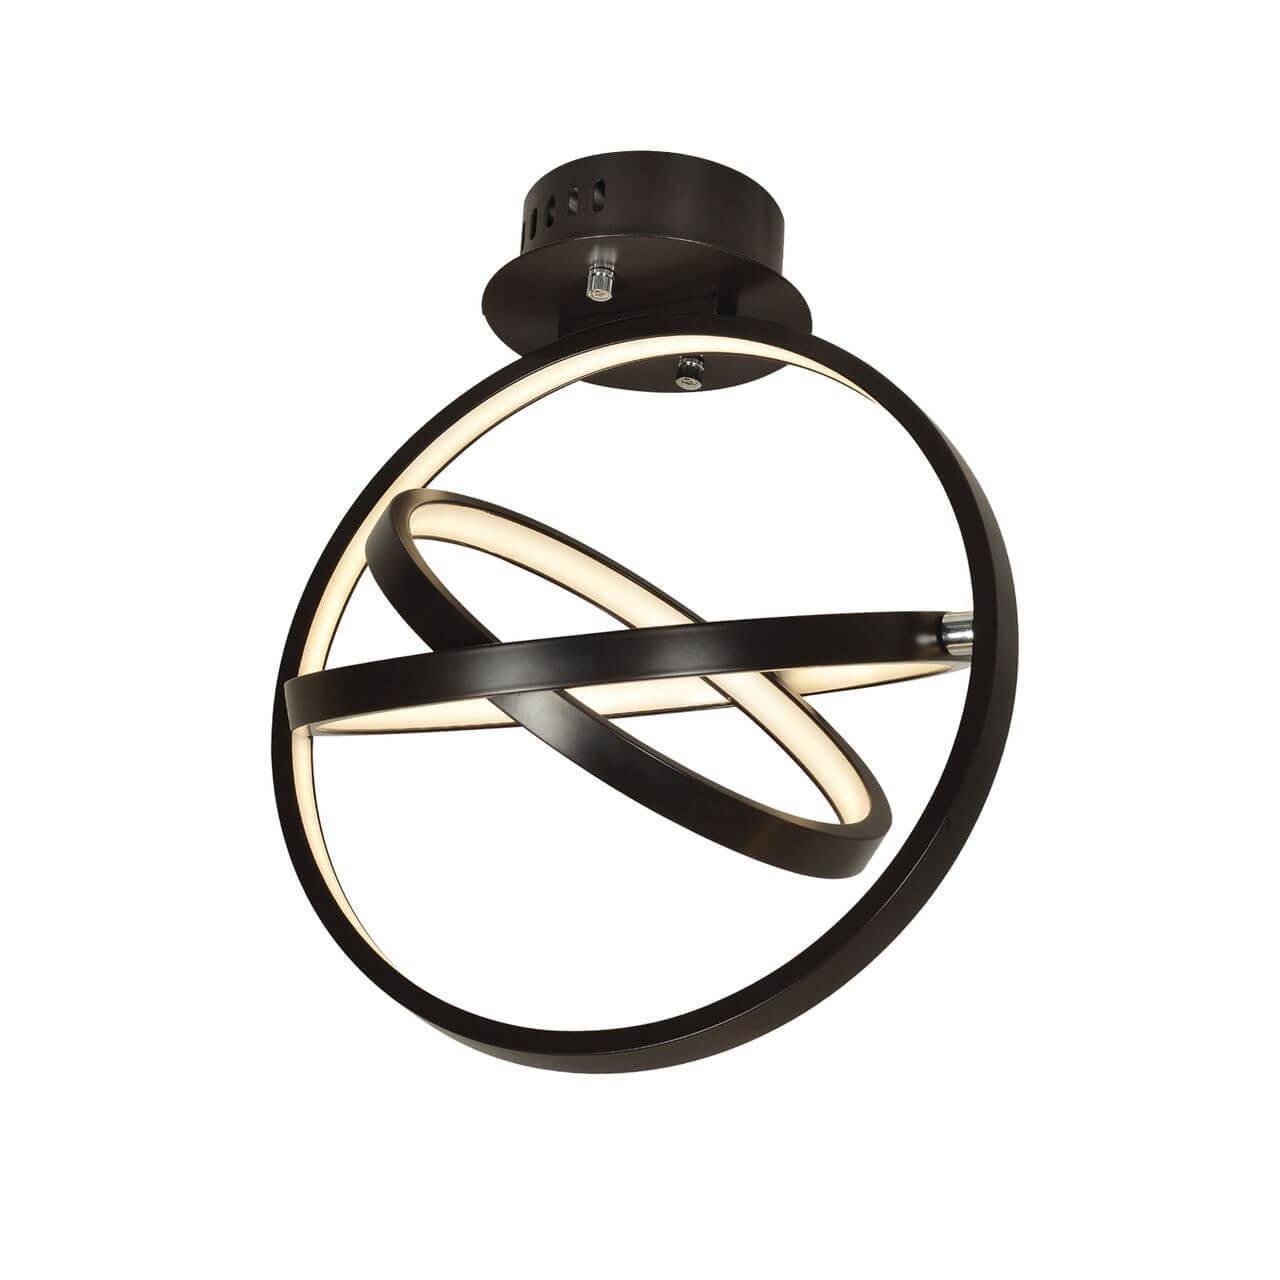 Потолочный светодиодный светильник Favourite Teaser 2119-3U unique cross teaser brain teaser puzzle toy